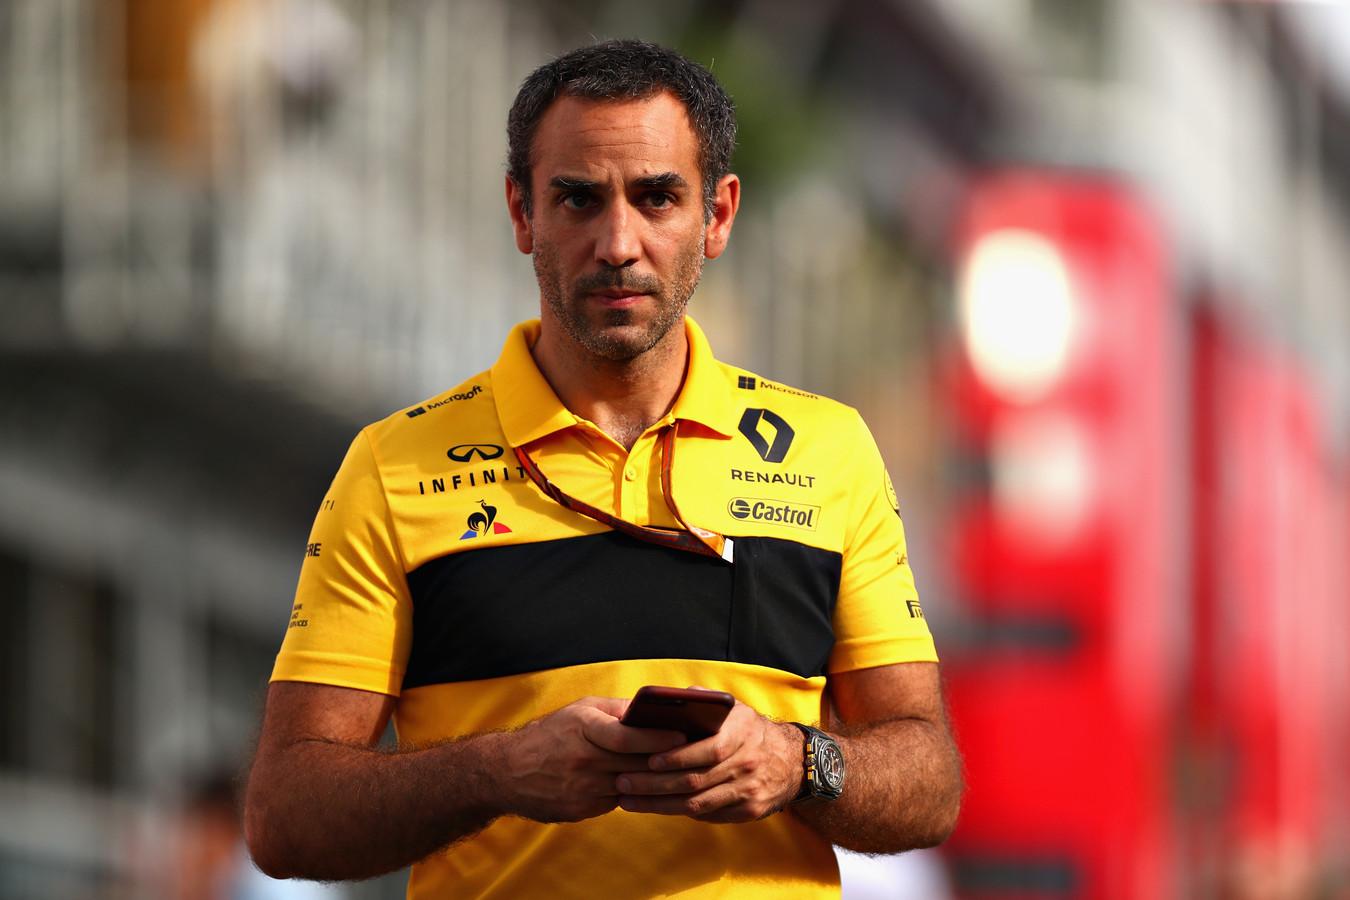 Cyril Abiteboul, teambaas van Renault